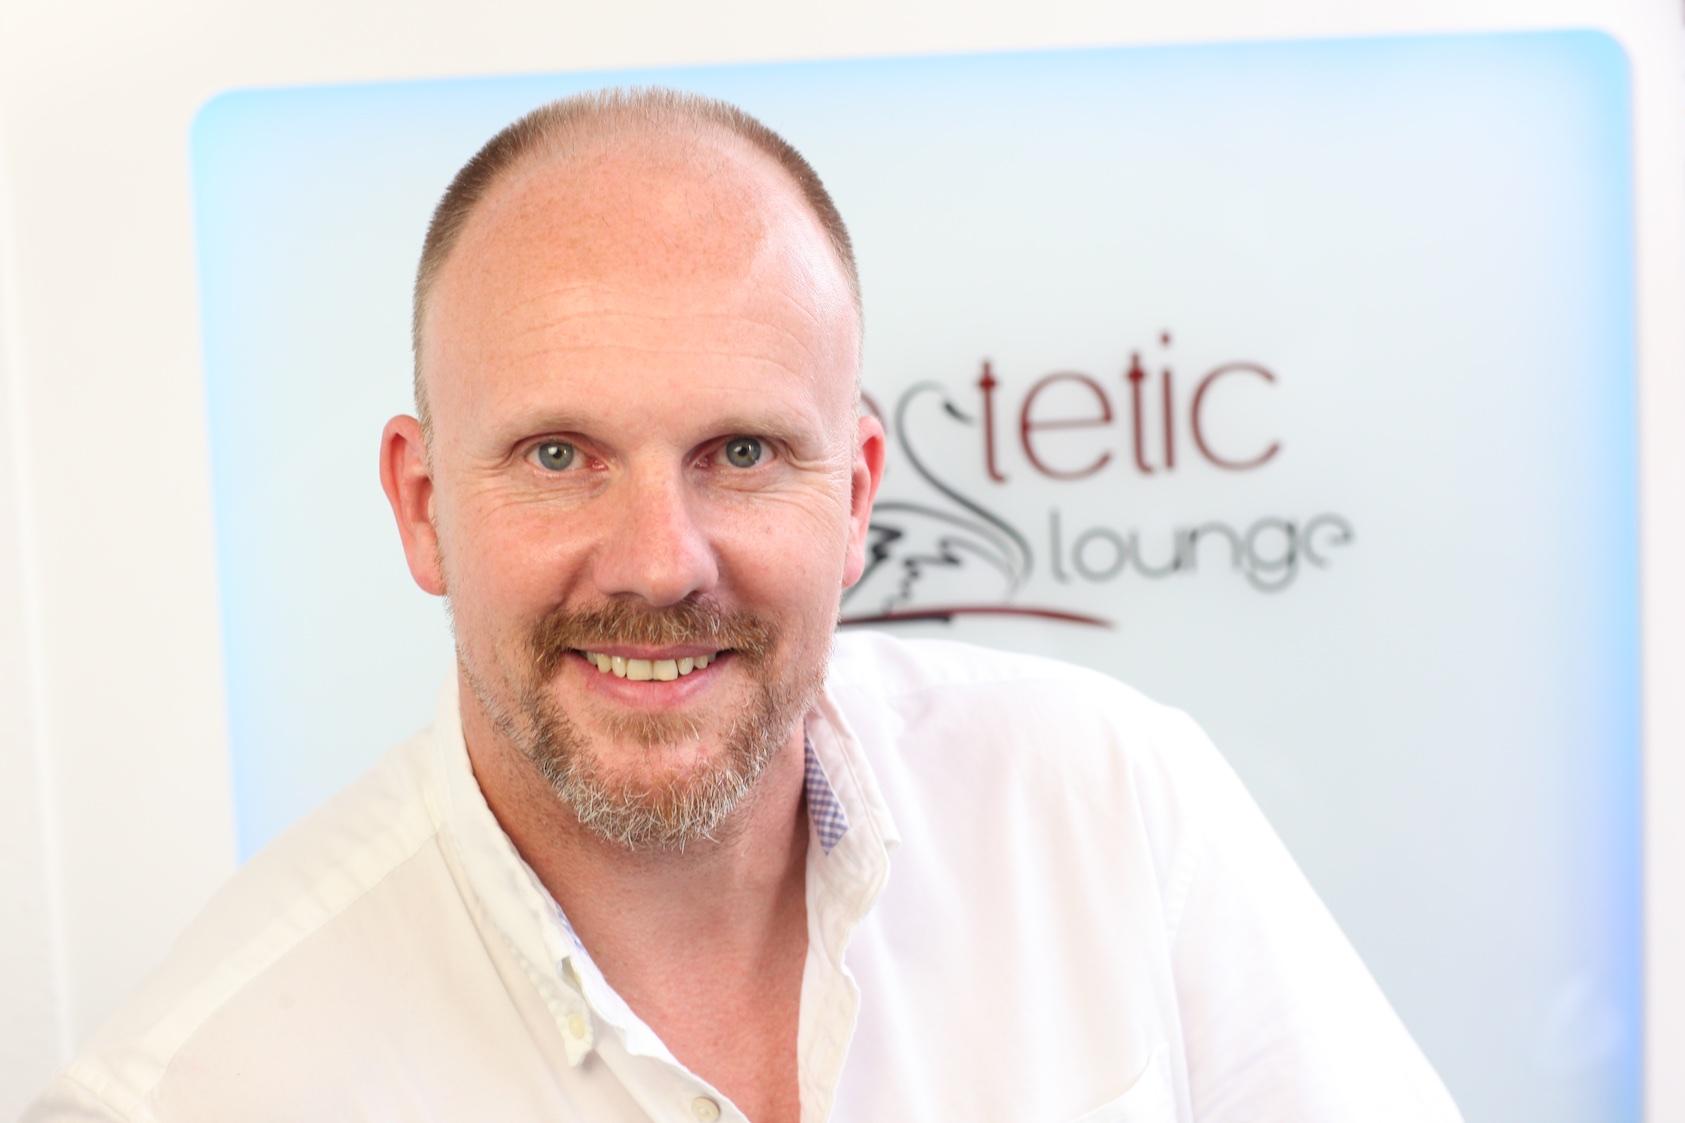 Estetic Lounge Privatpraxis für Ästhetische Medizin Steffen Giesse und Kollegen